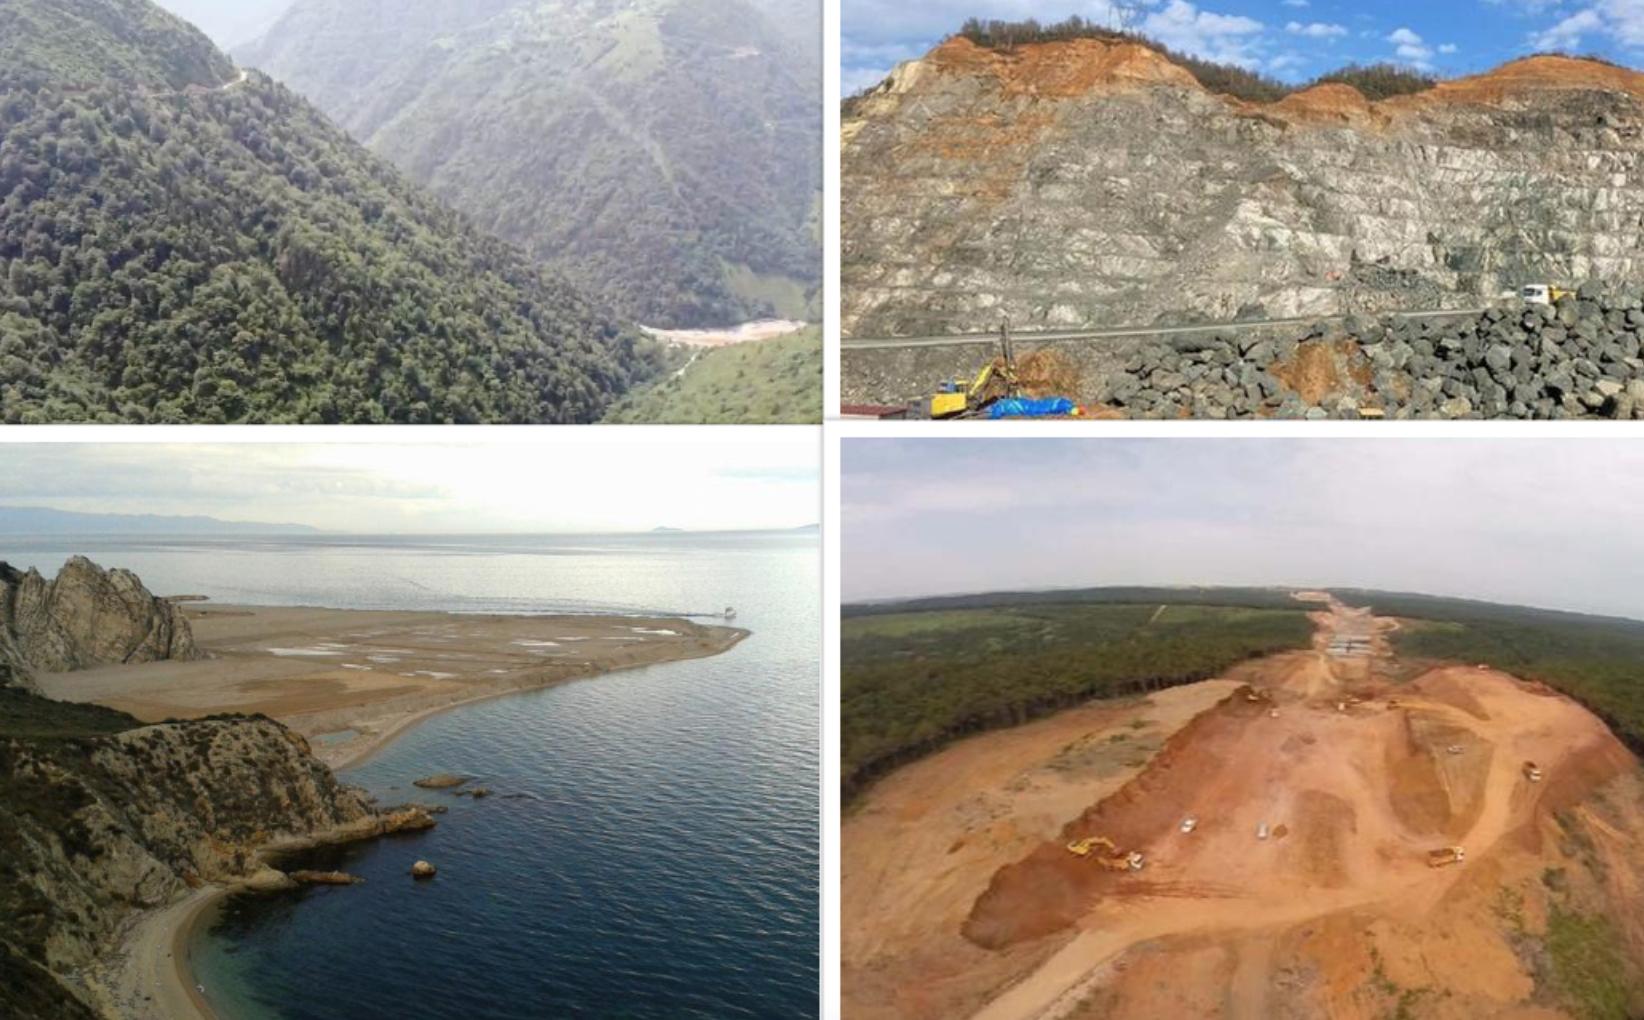 Ülkenin Güzellikleri Cengiz İnşaat'a Emanet: Yurdun Dört Bir Yanından Doğa Talanı Manzaraları